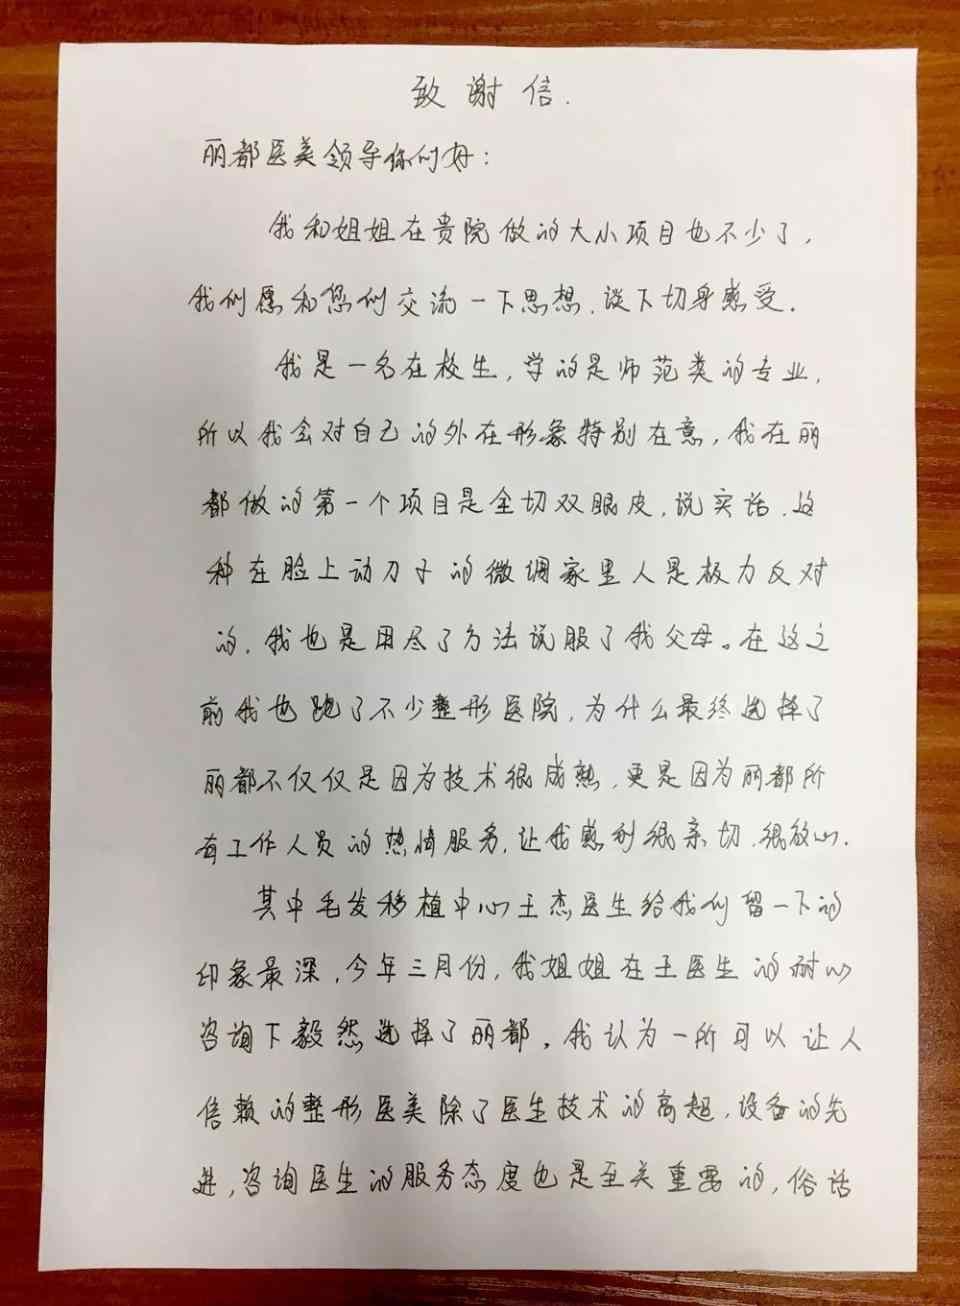 30万+的北京丽都评价都是怎么写的